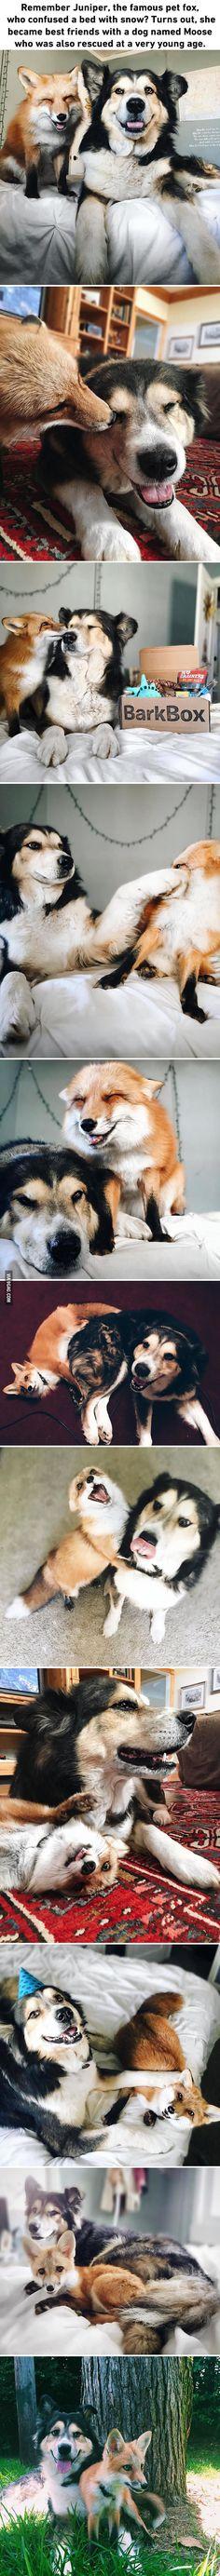 Pet Fox Torna-se melhores amigos com um cão